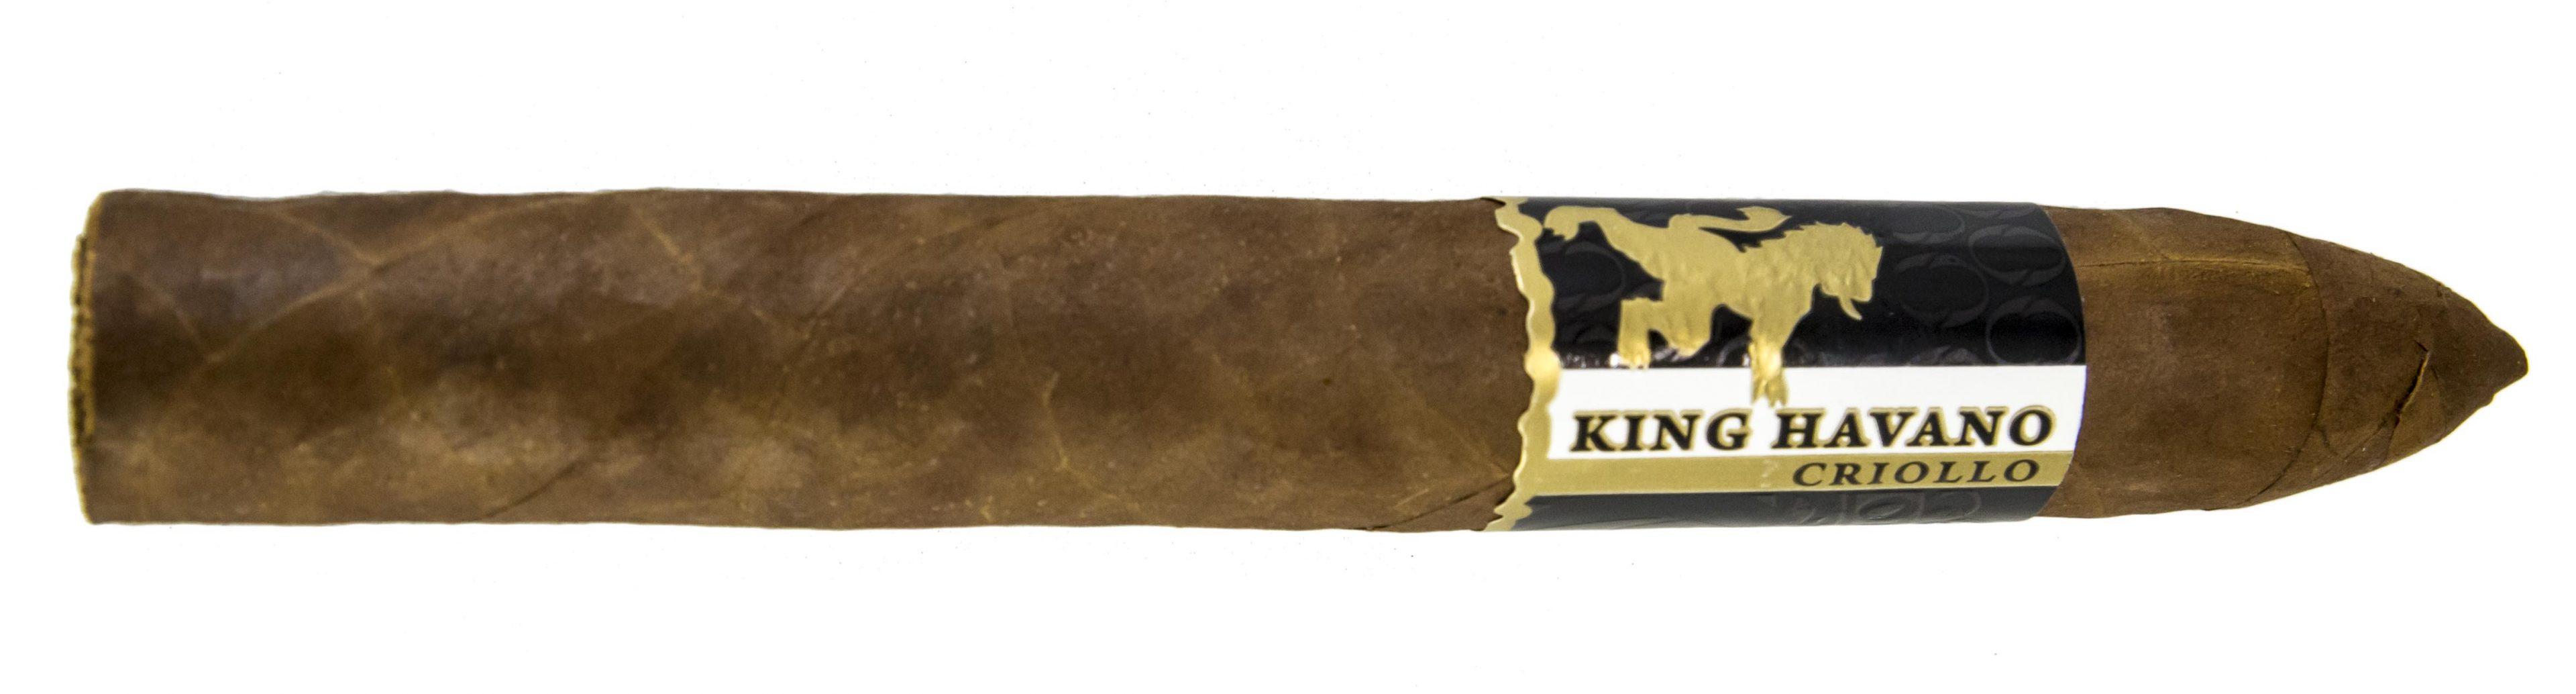 Blind Cigar Review: King Havano Criollo   Torpedo